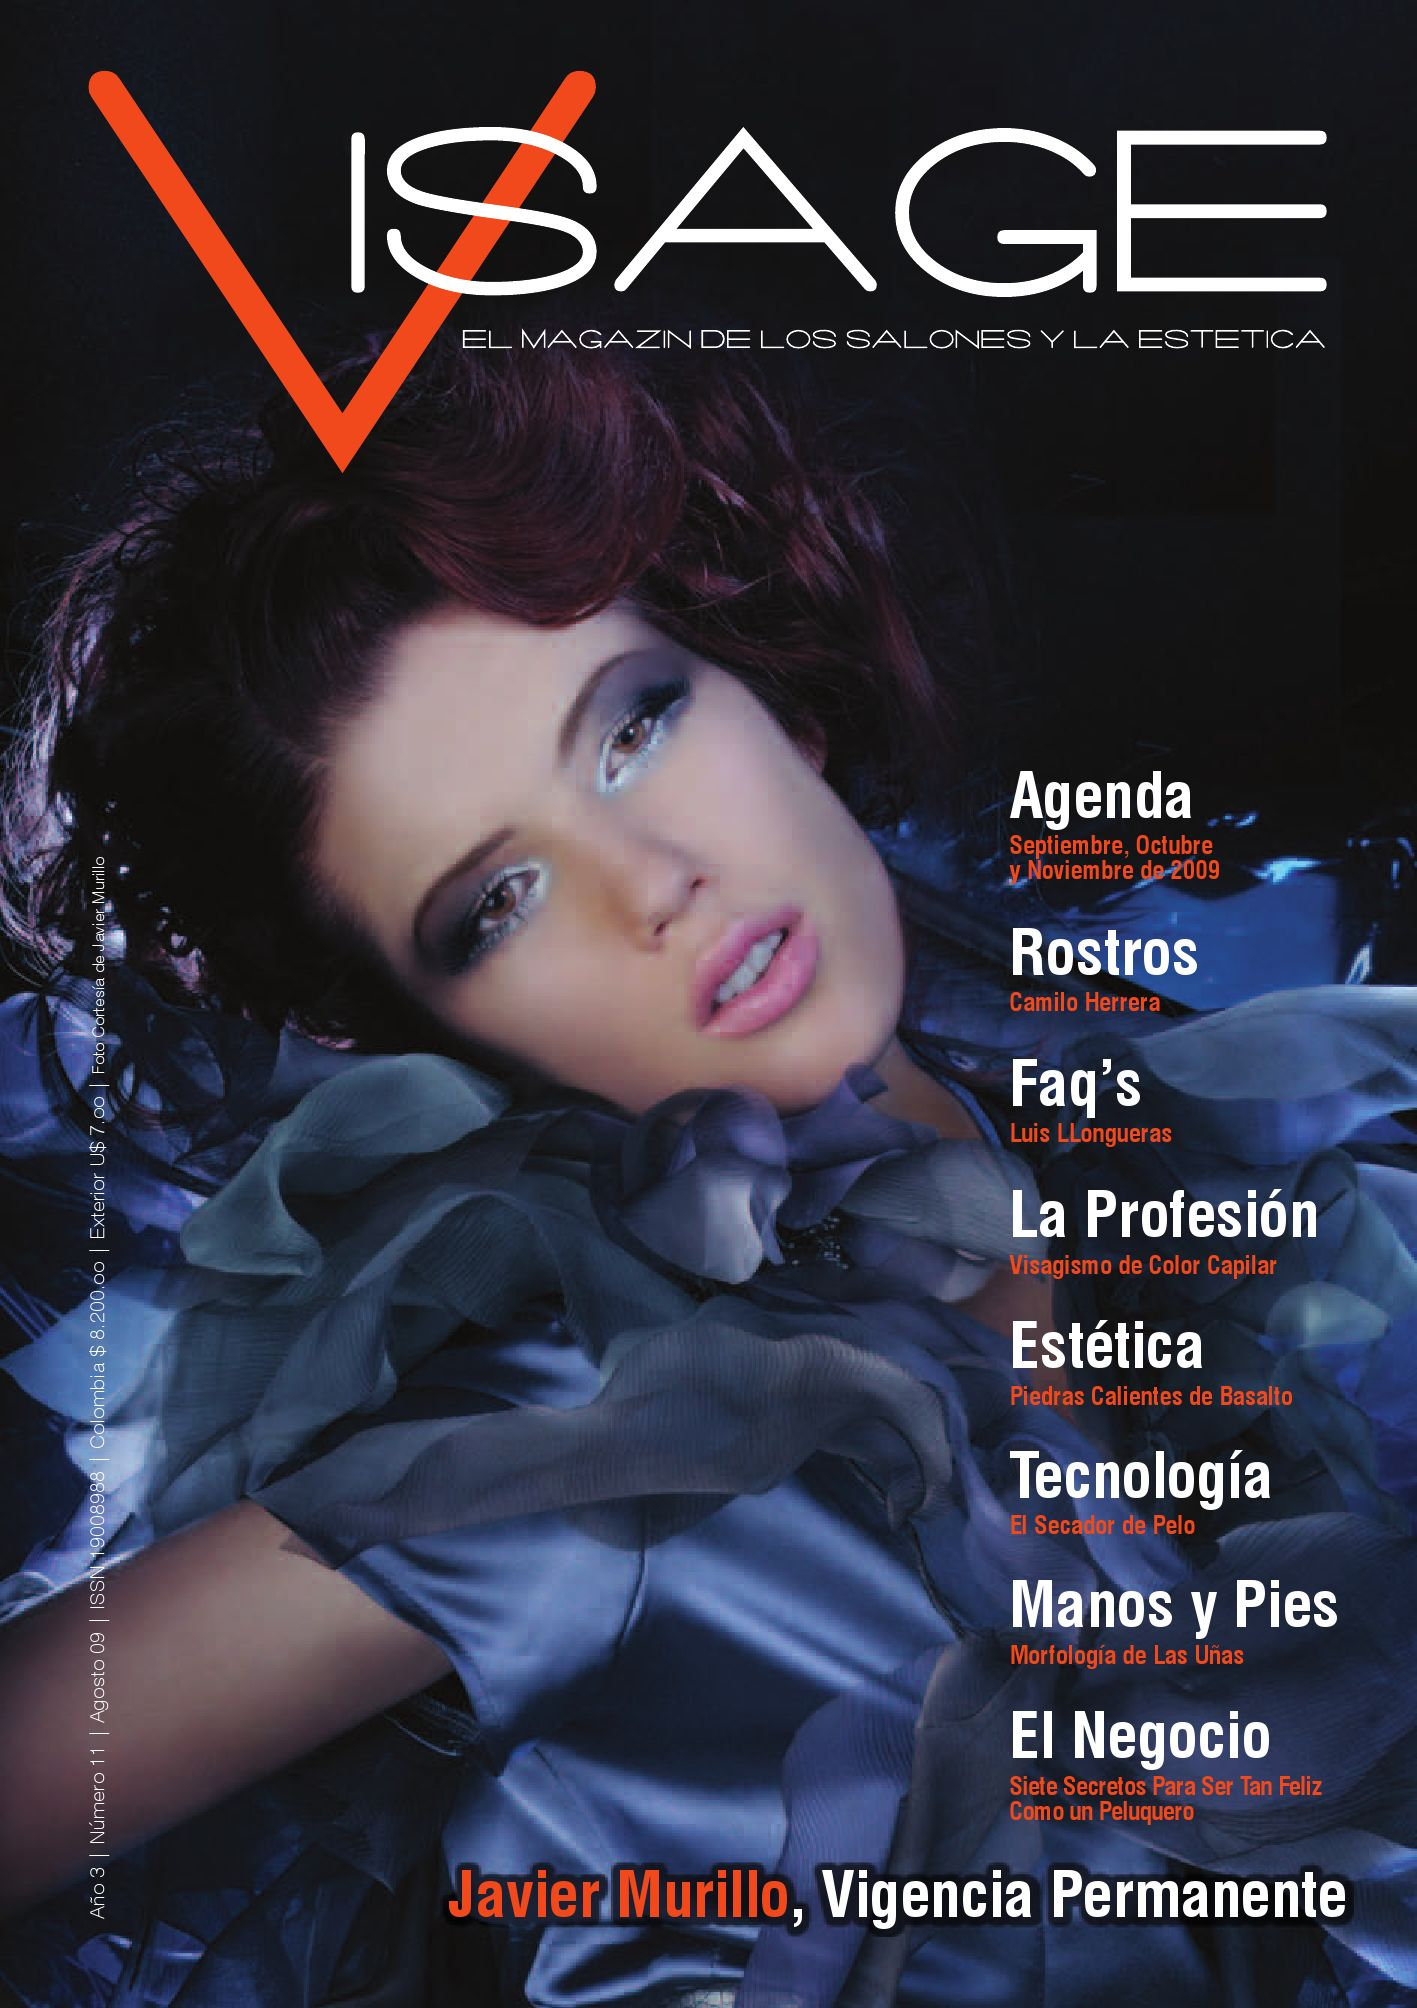 Revista Visage  11 by Publicaciones Visage Ltda. - issuu 30a06cfd2562